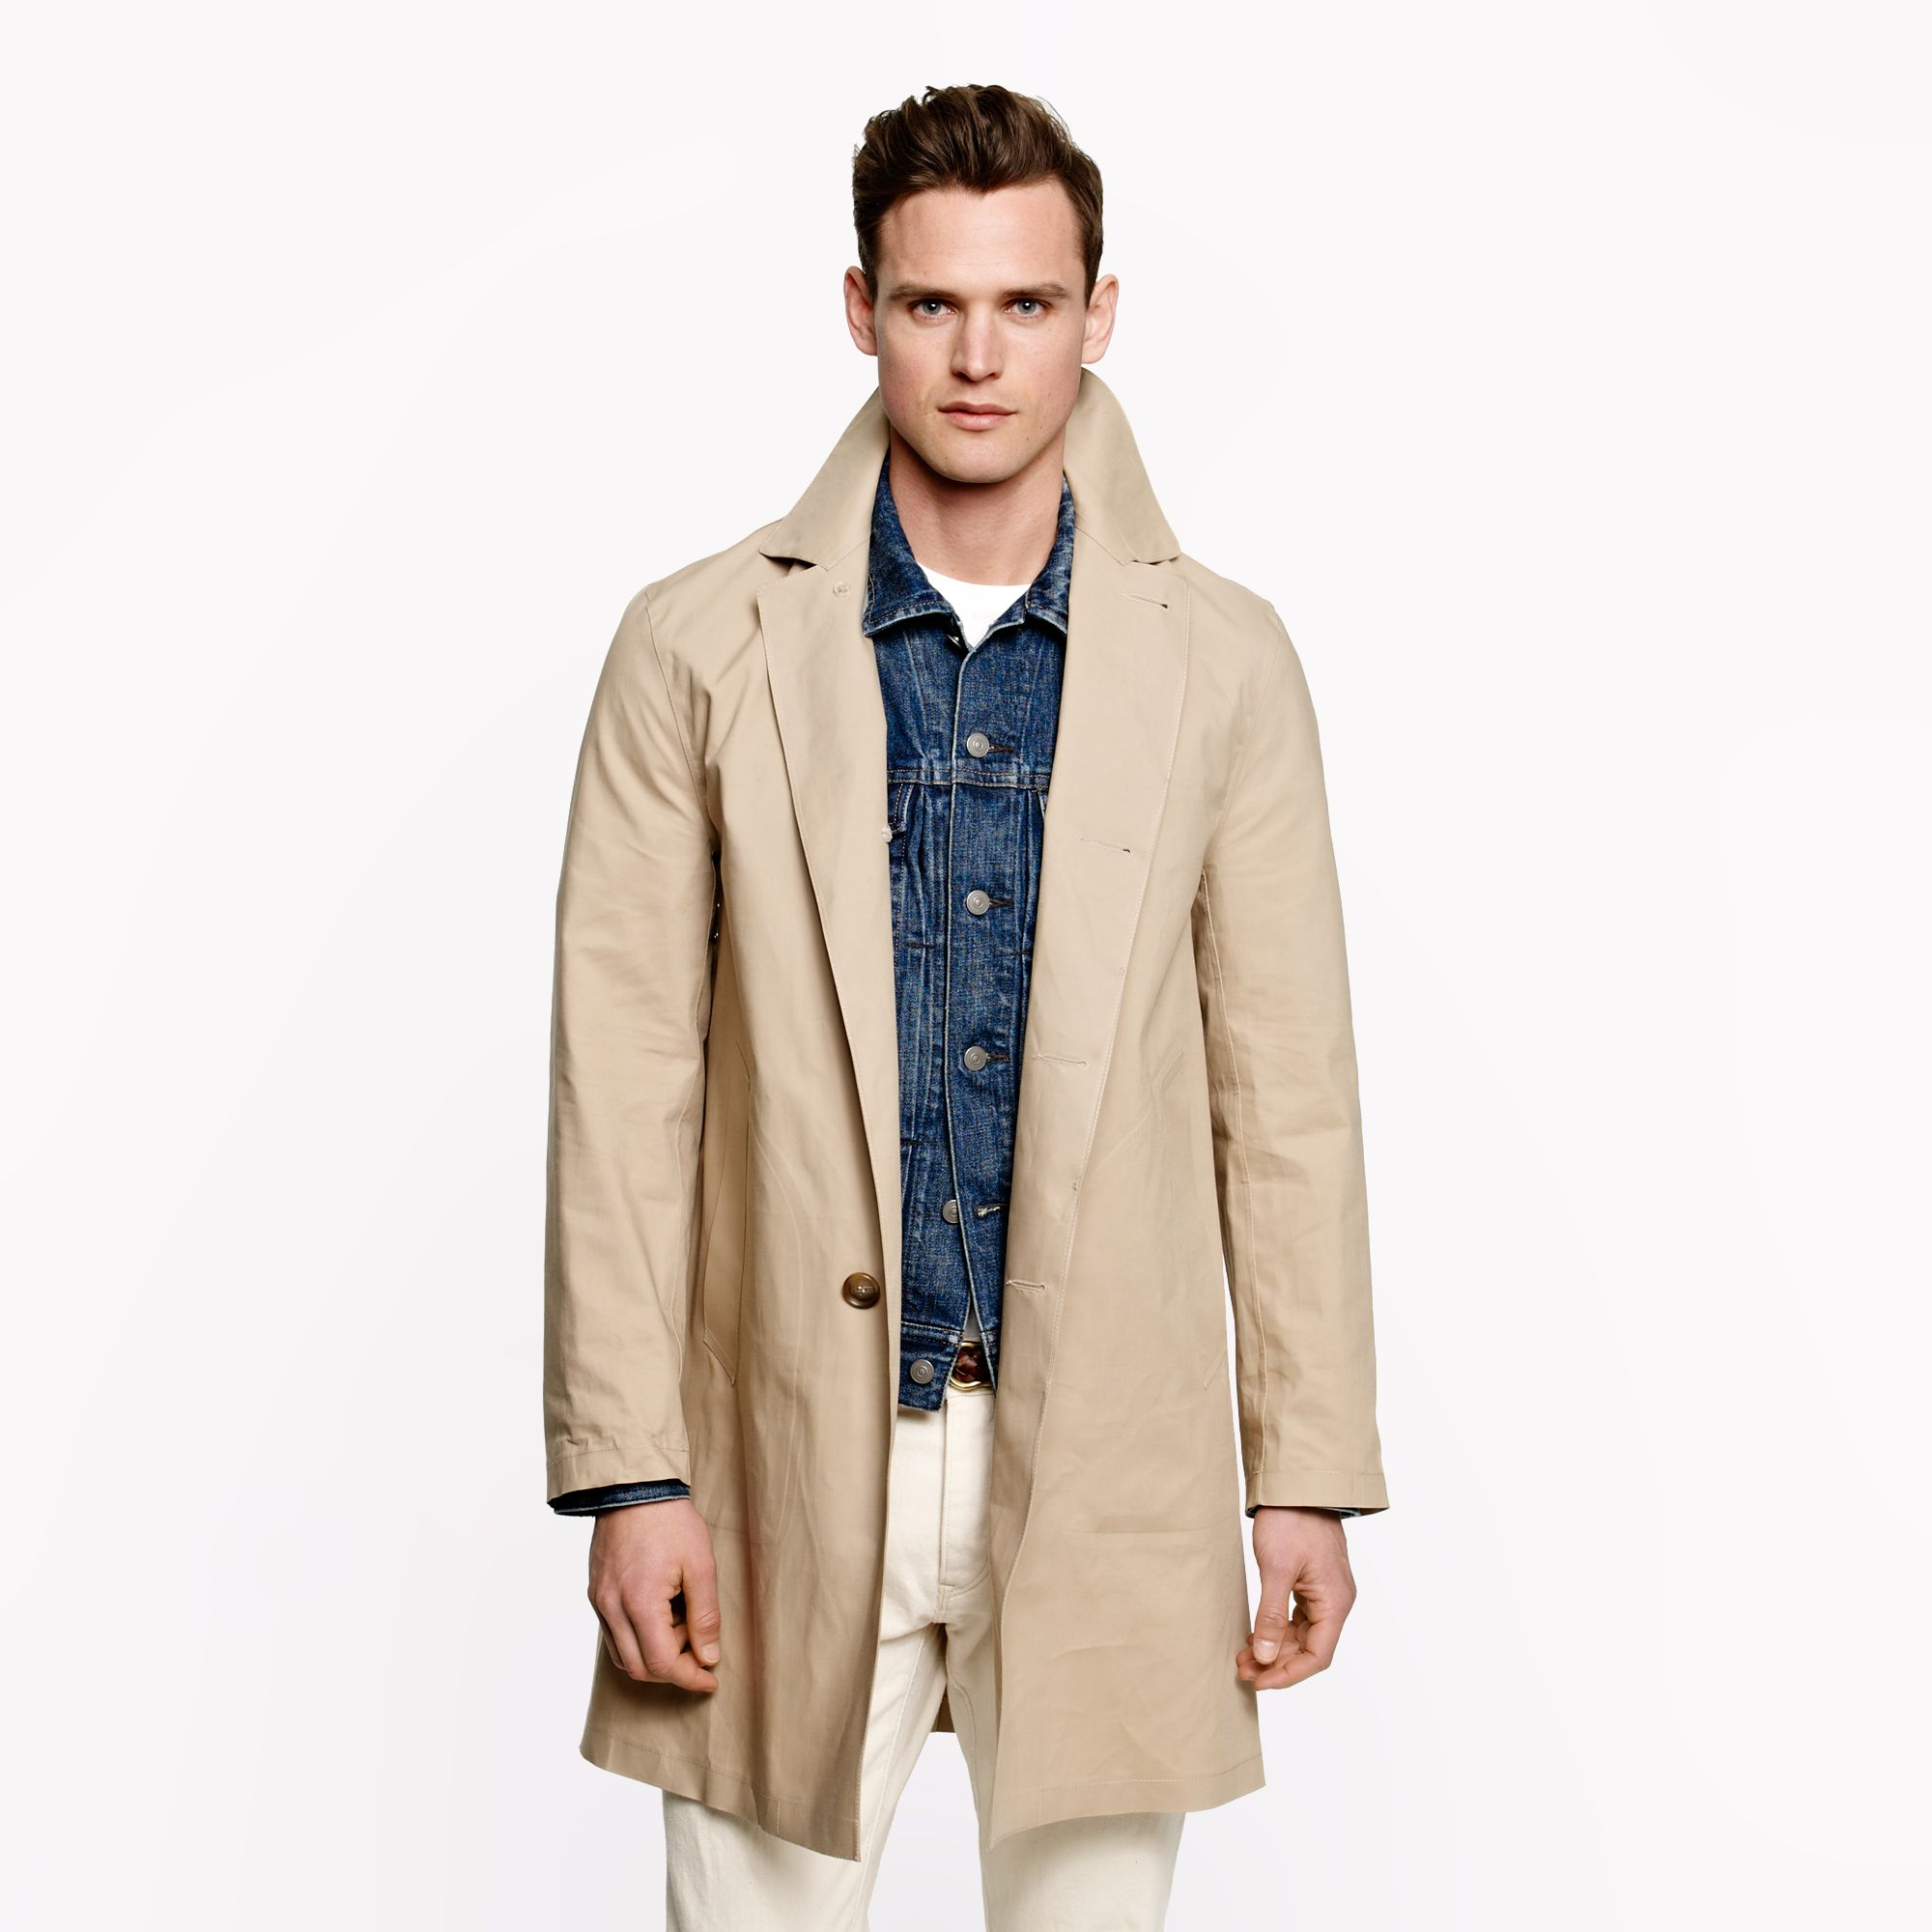 J Crew Mackintosh Duncan Coat In Birch In Natural For Men